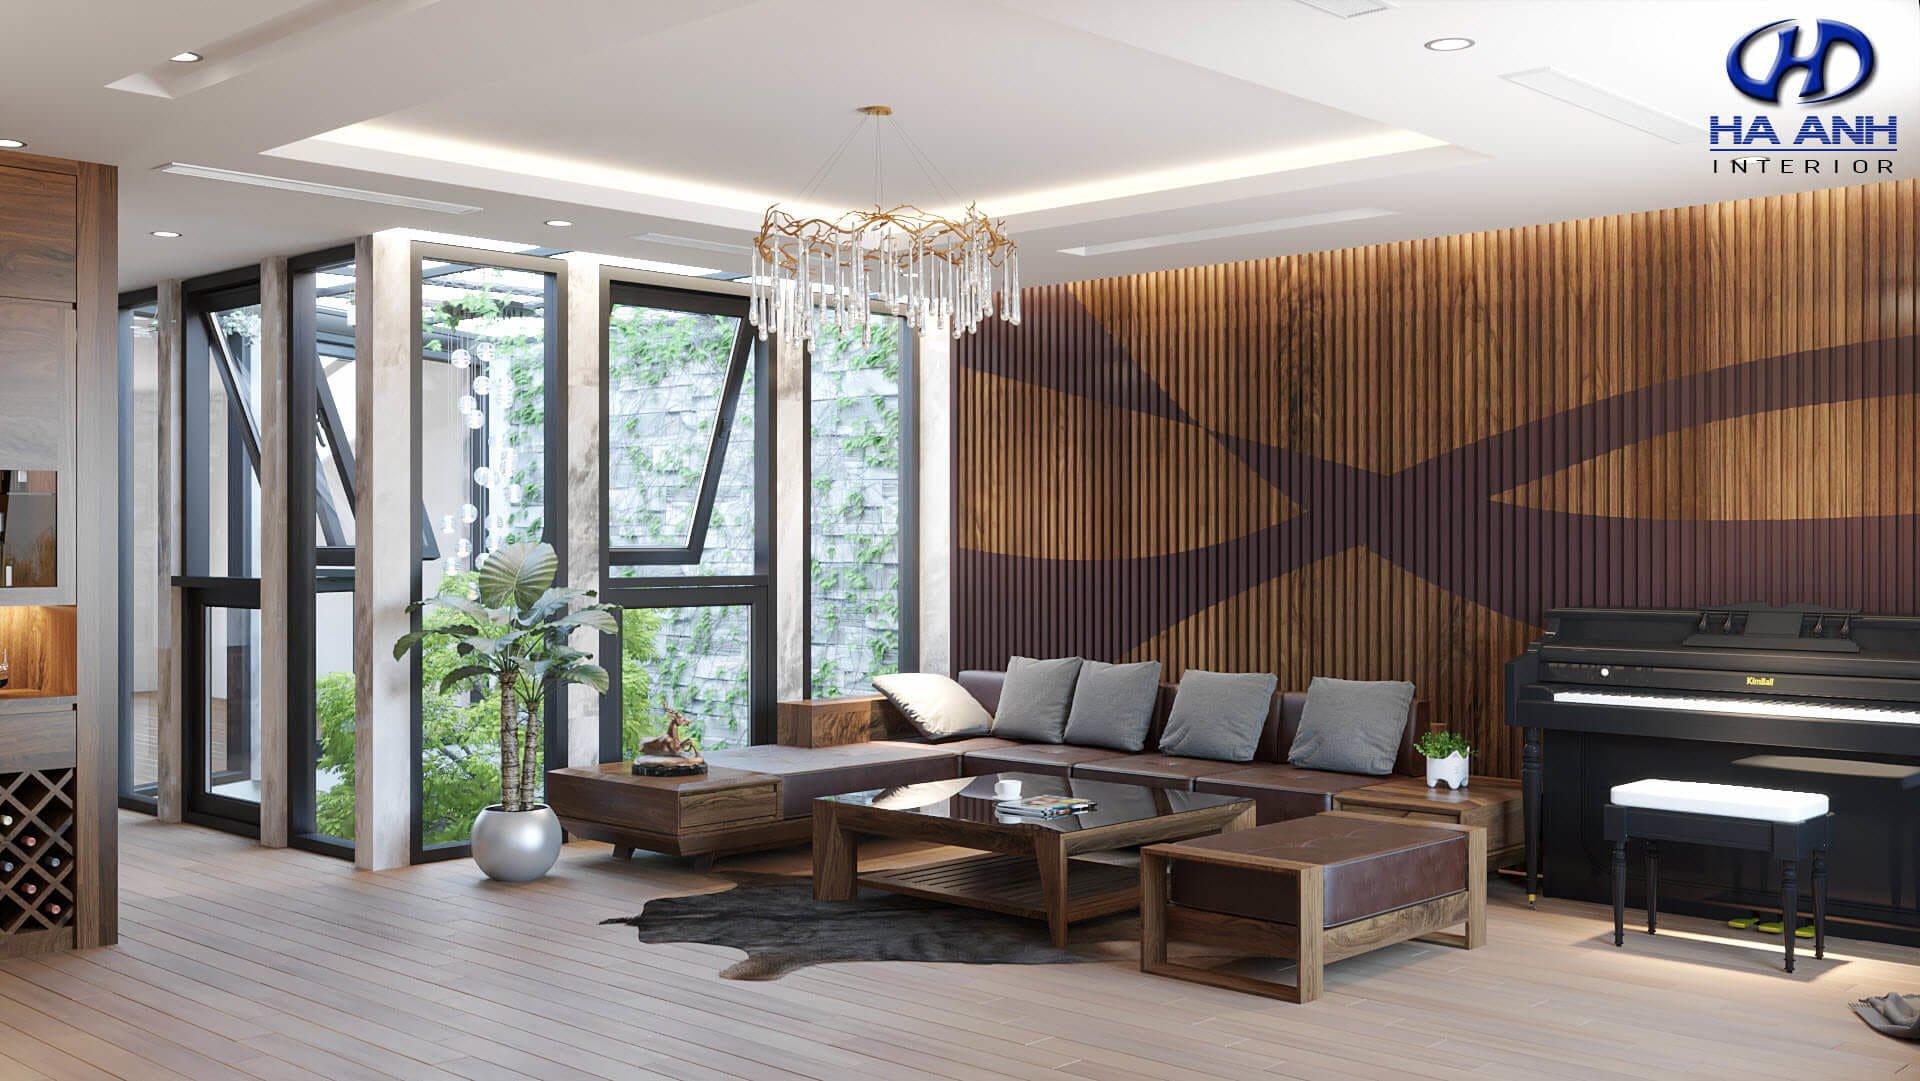 Những Mẫu Sofa Đẹp Của Nội Thất Hà Anh